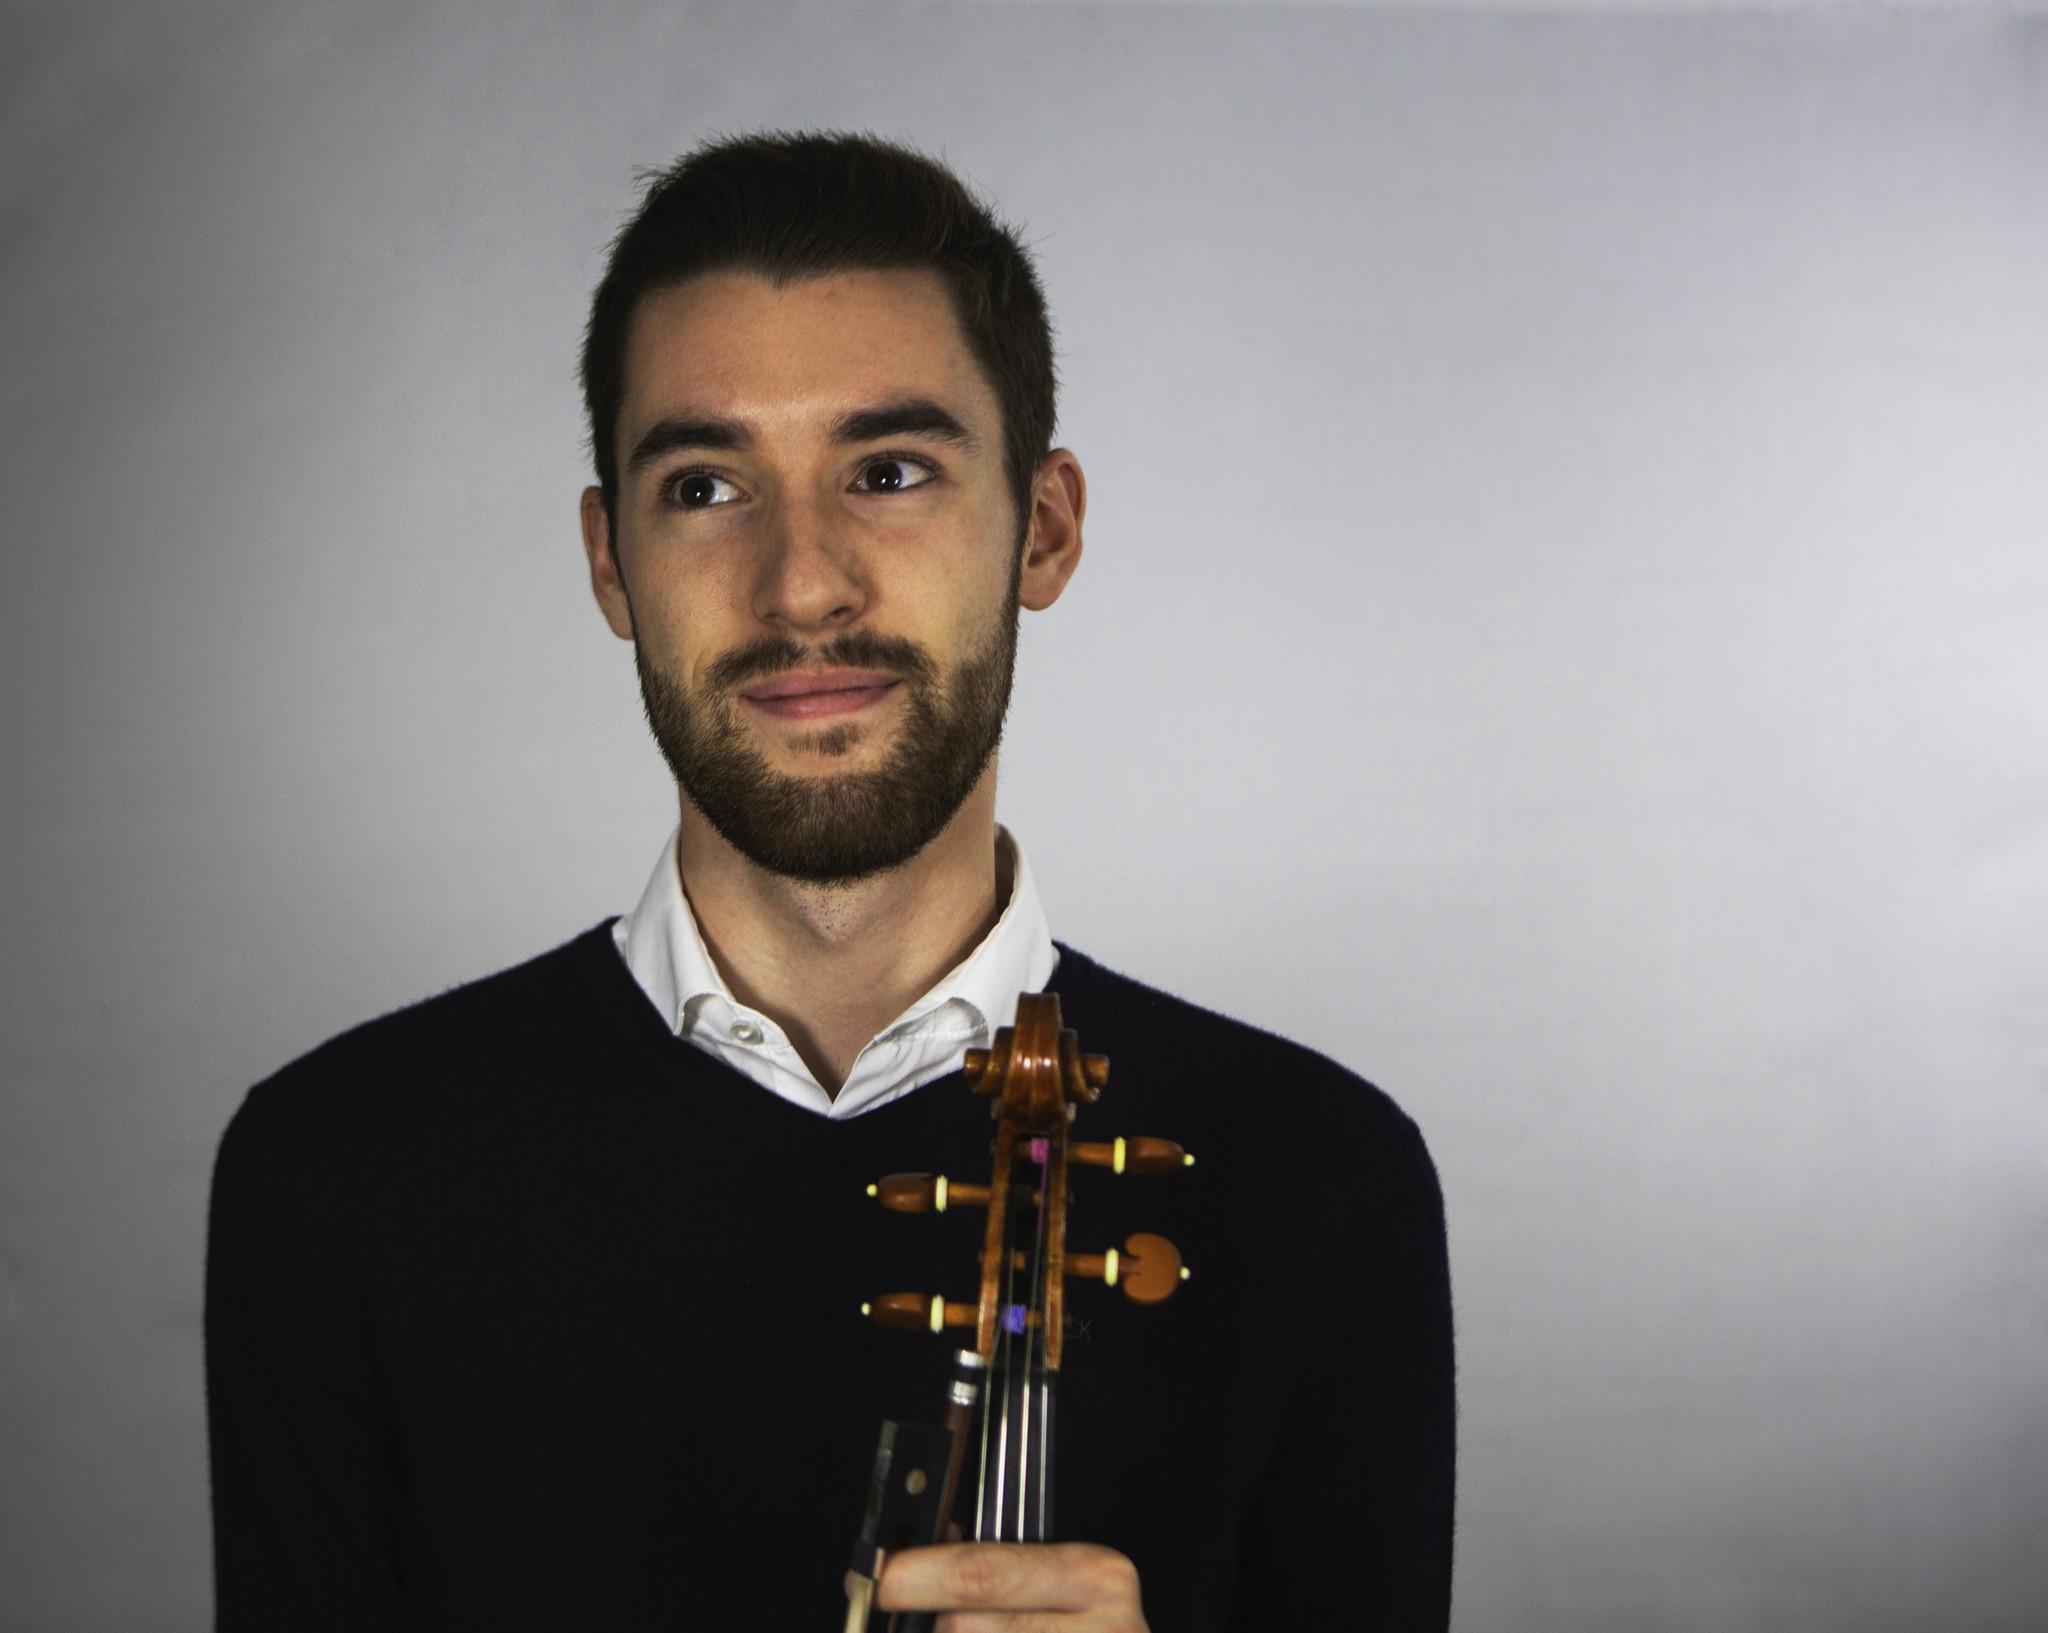 Thierry Lavoie-Ladouceur